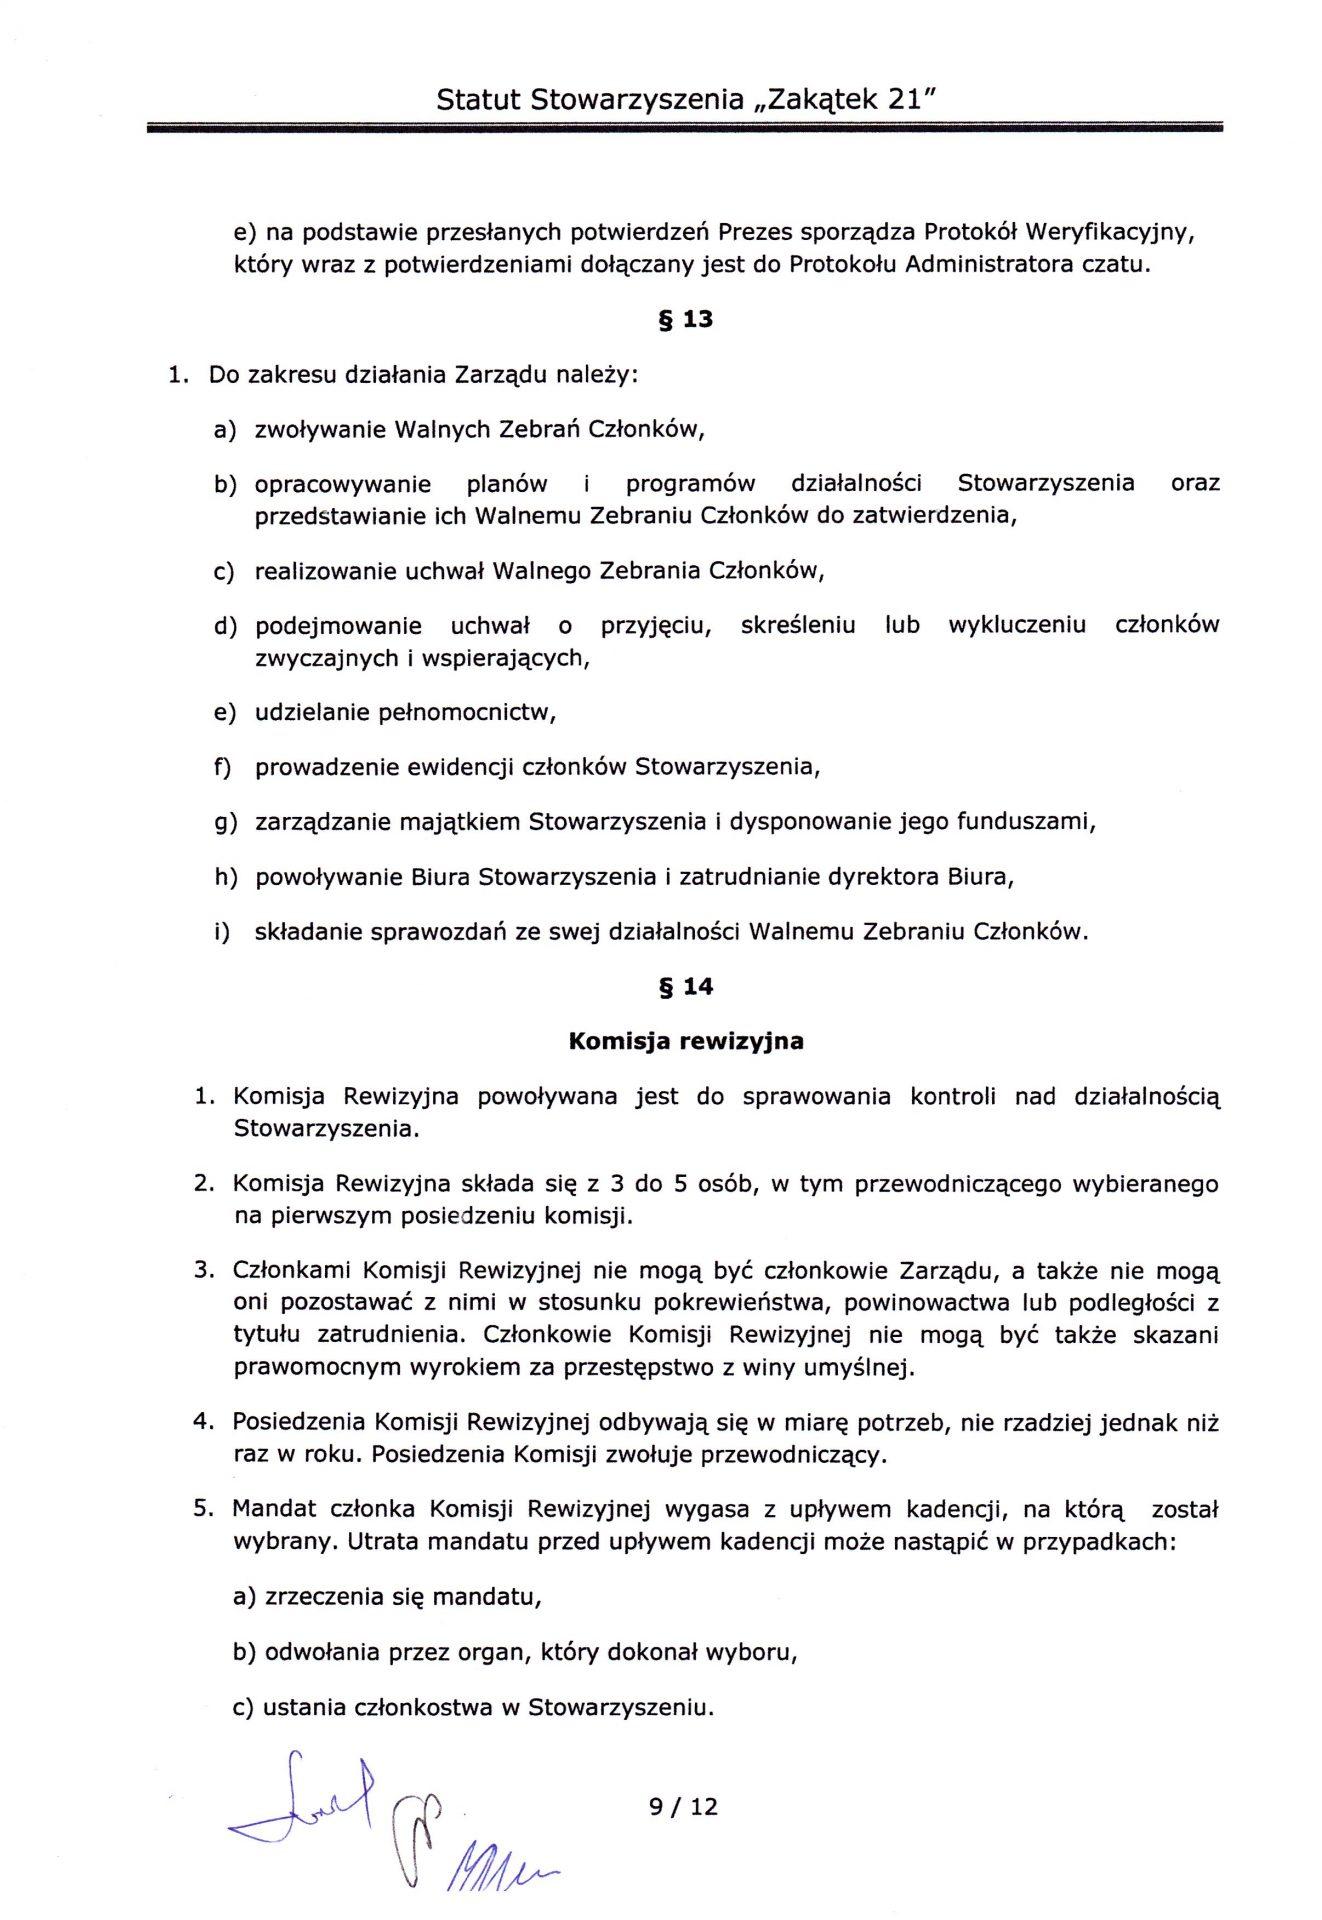 strona dziewiąta statutu